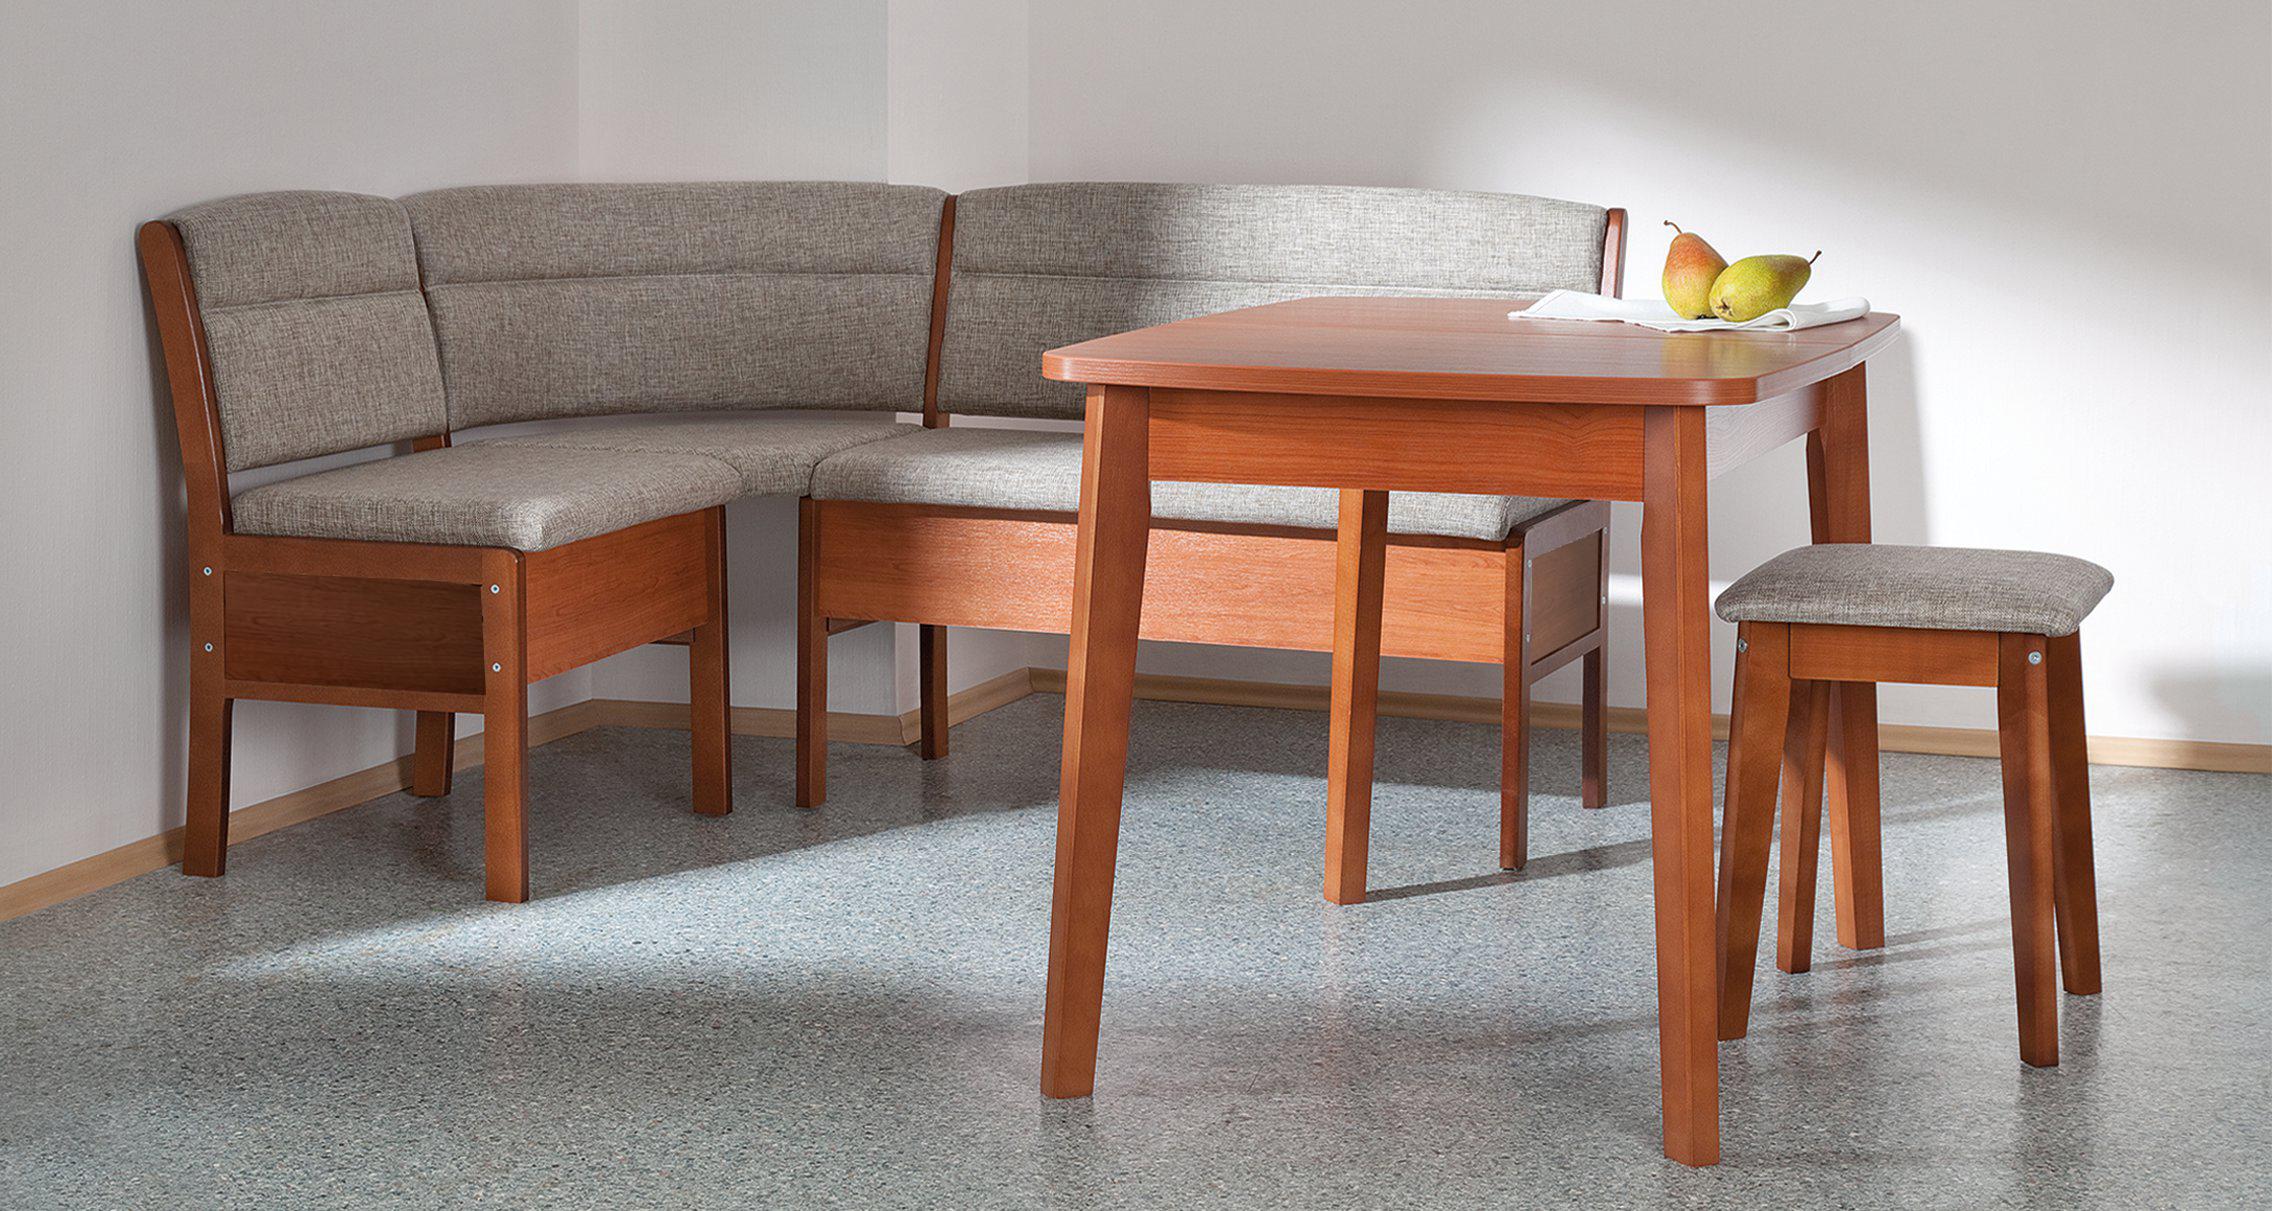 Кухонный уголок Боровичи Кухонный угловой диван Этюд облегченный с ящиком Серый, 2-1 (1500 Х 1100 мм)